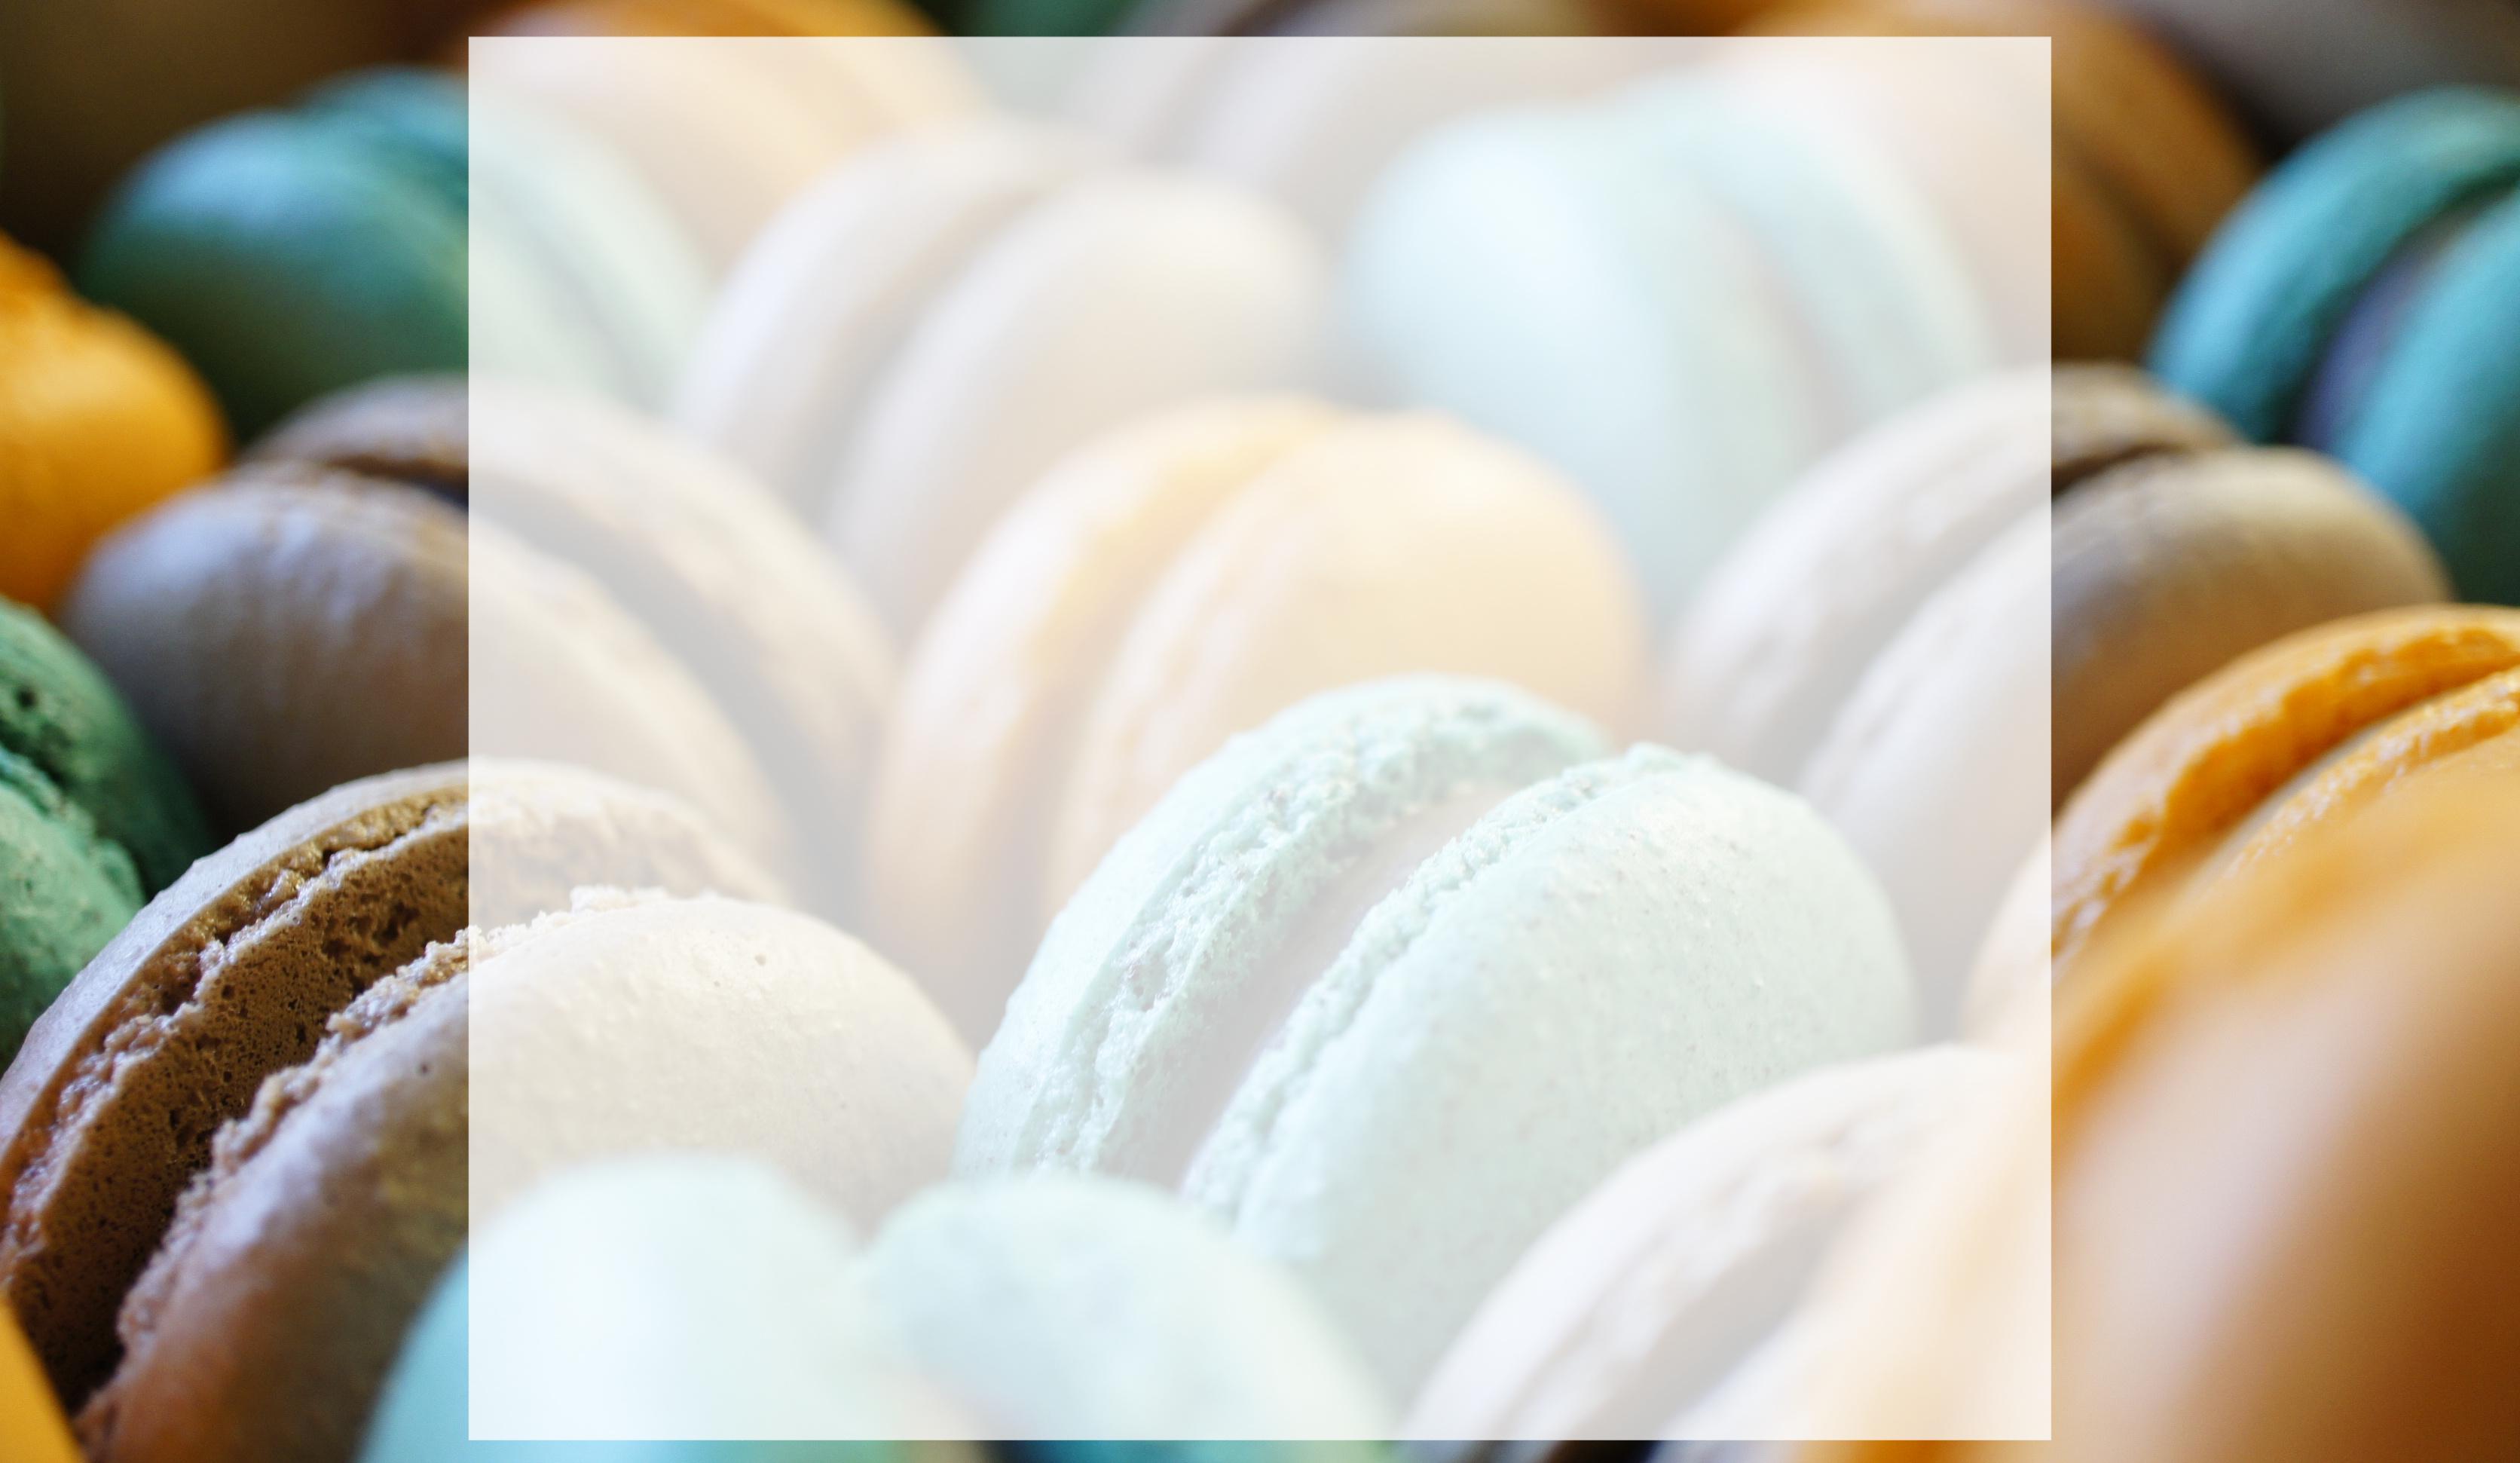 stacks of macarons